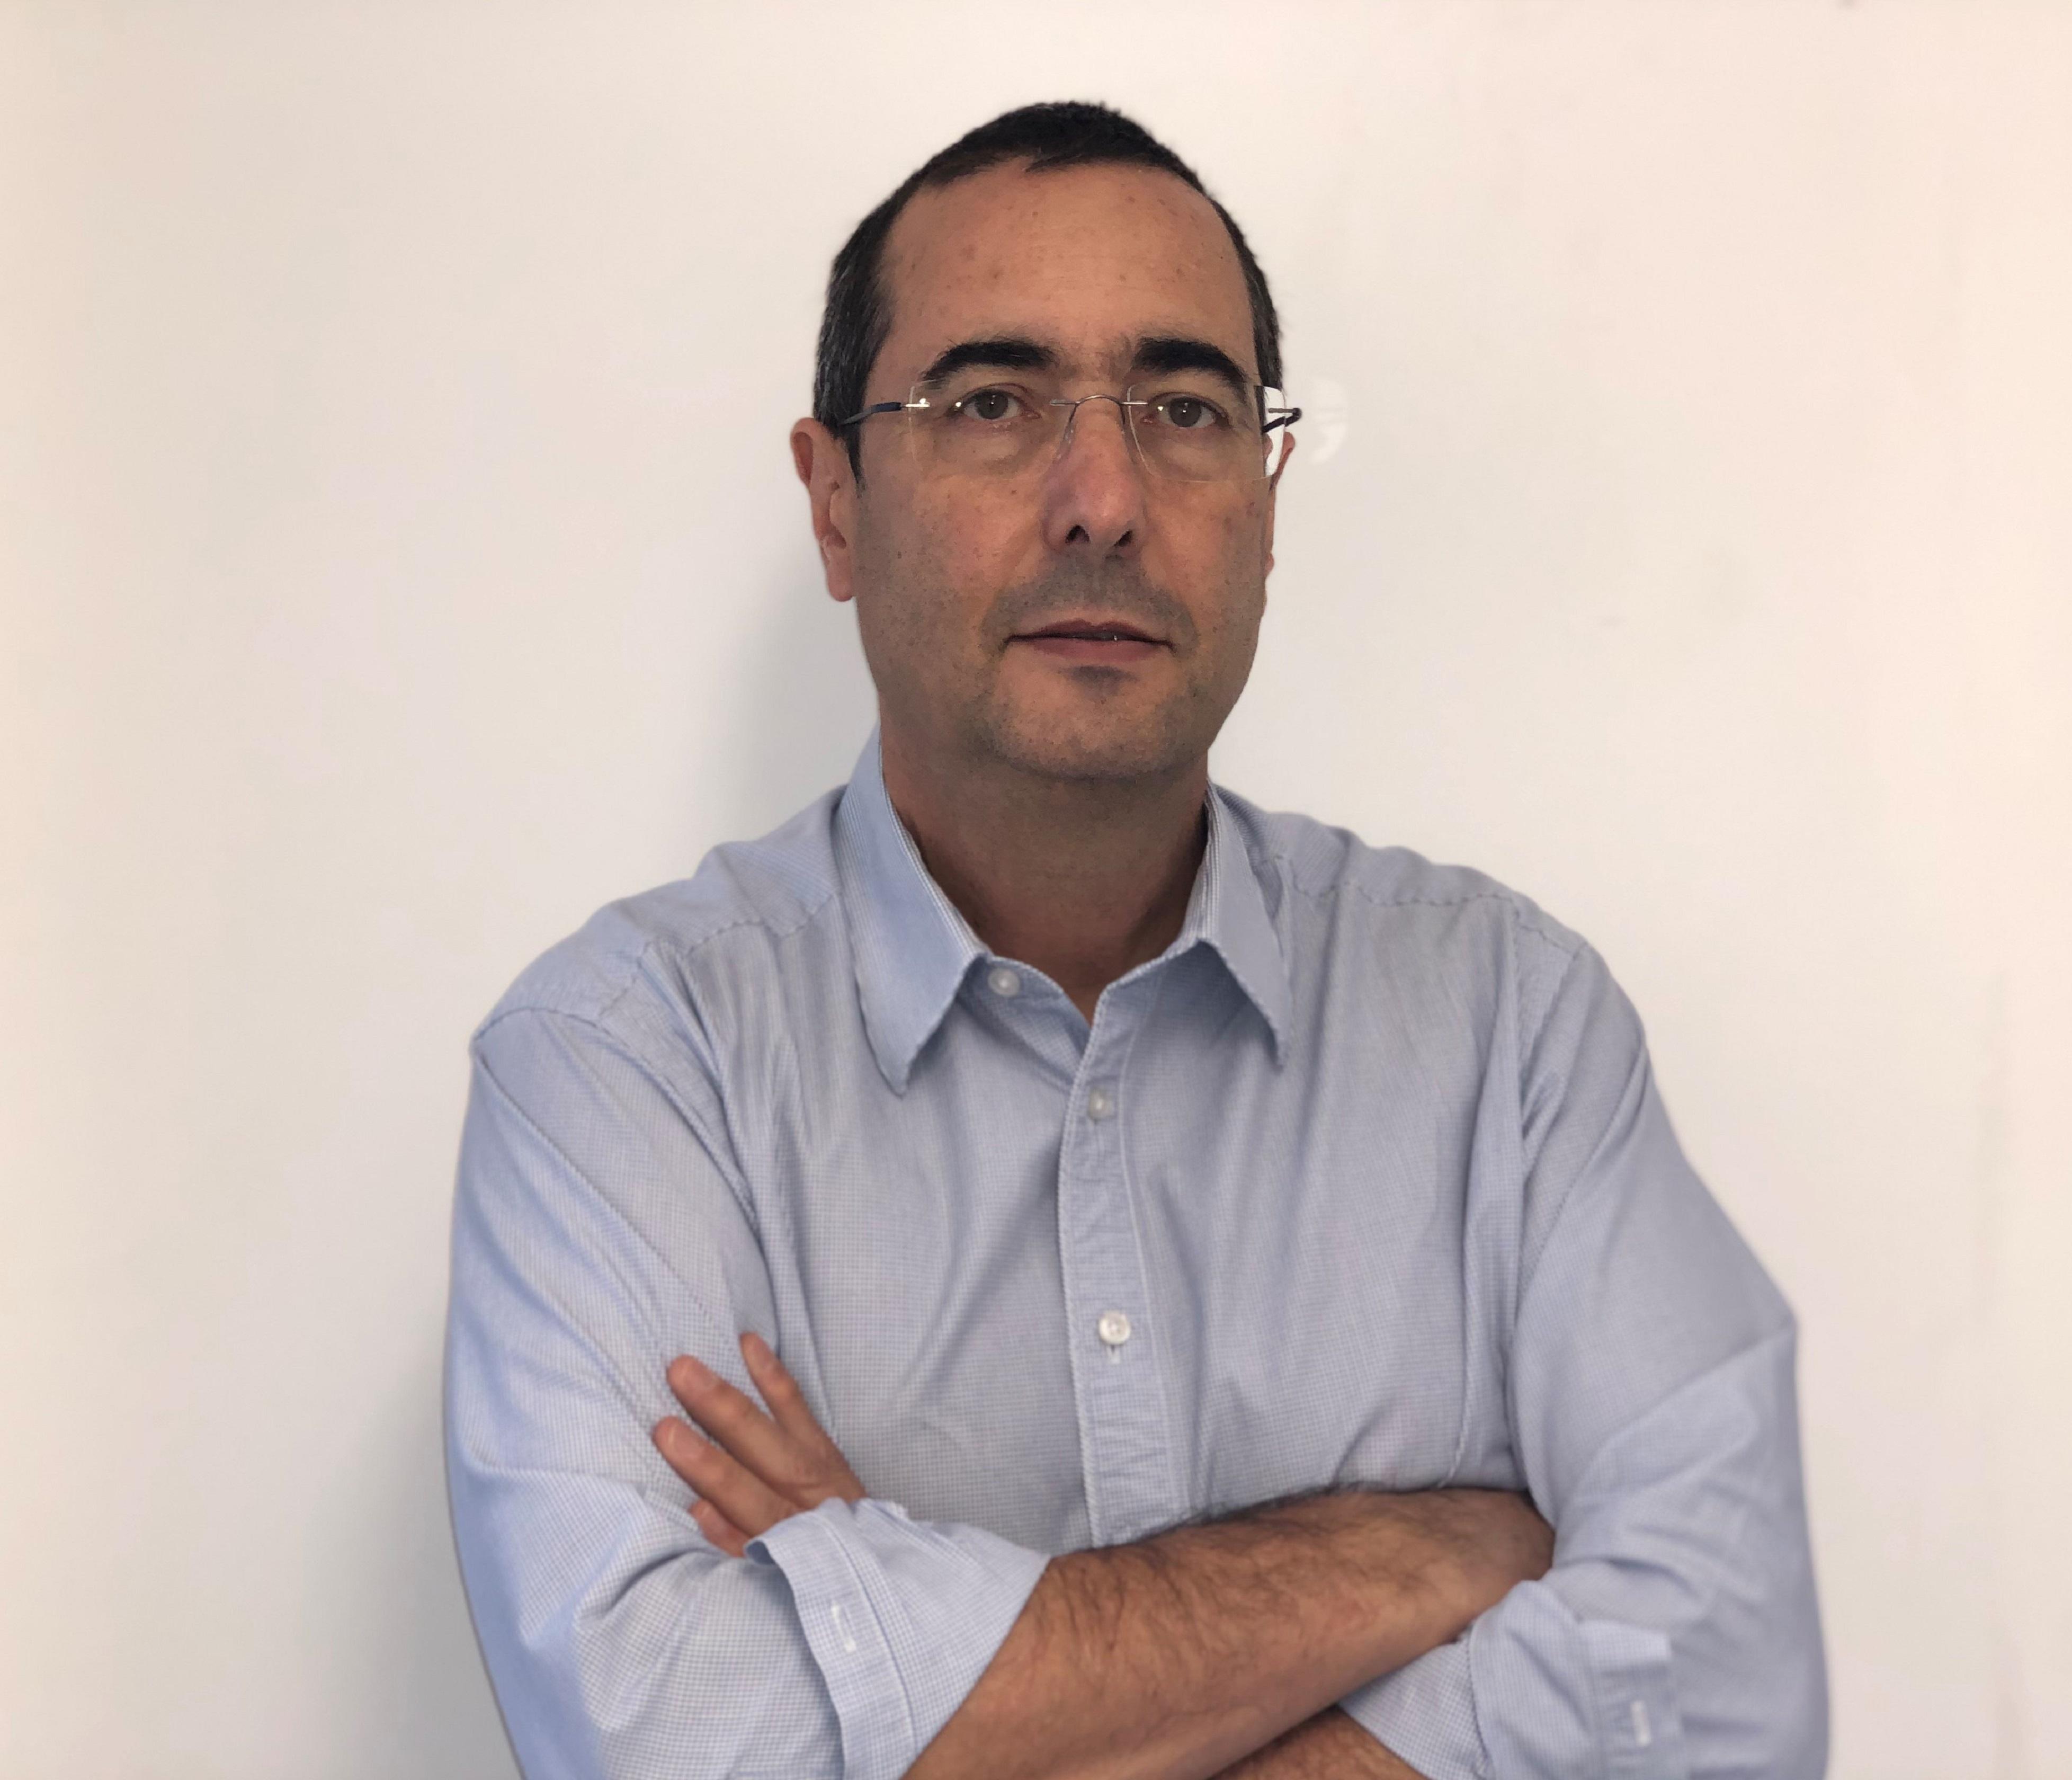 KIIR -Amilcar Crosera fundador e CEO da KIIR